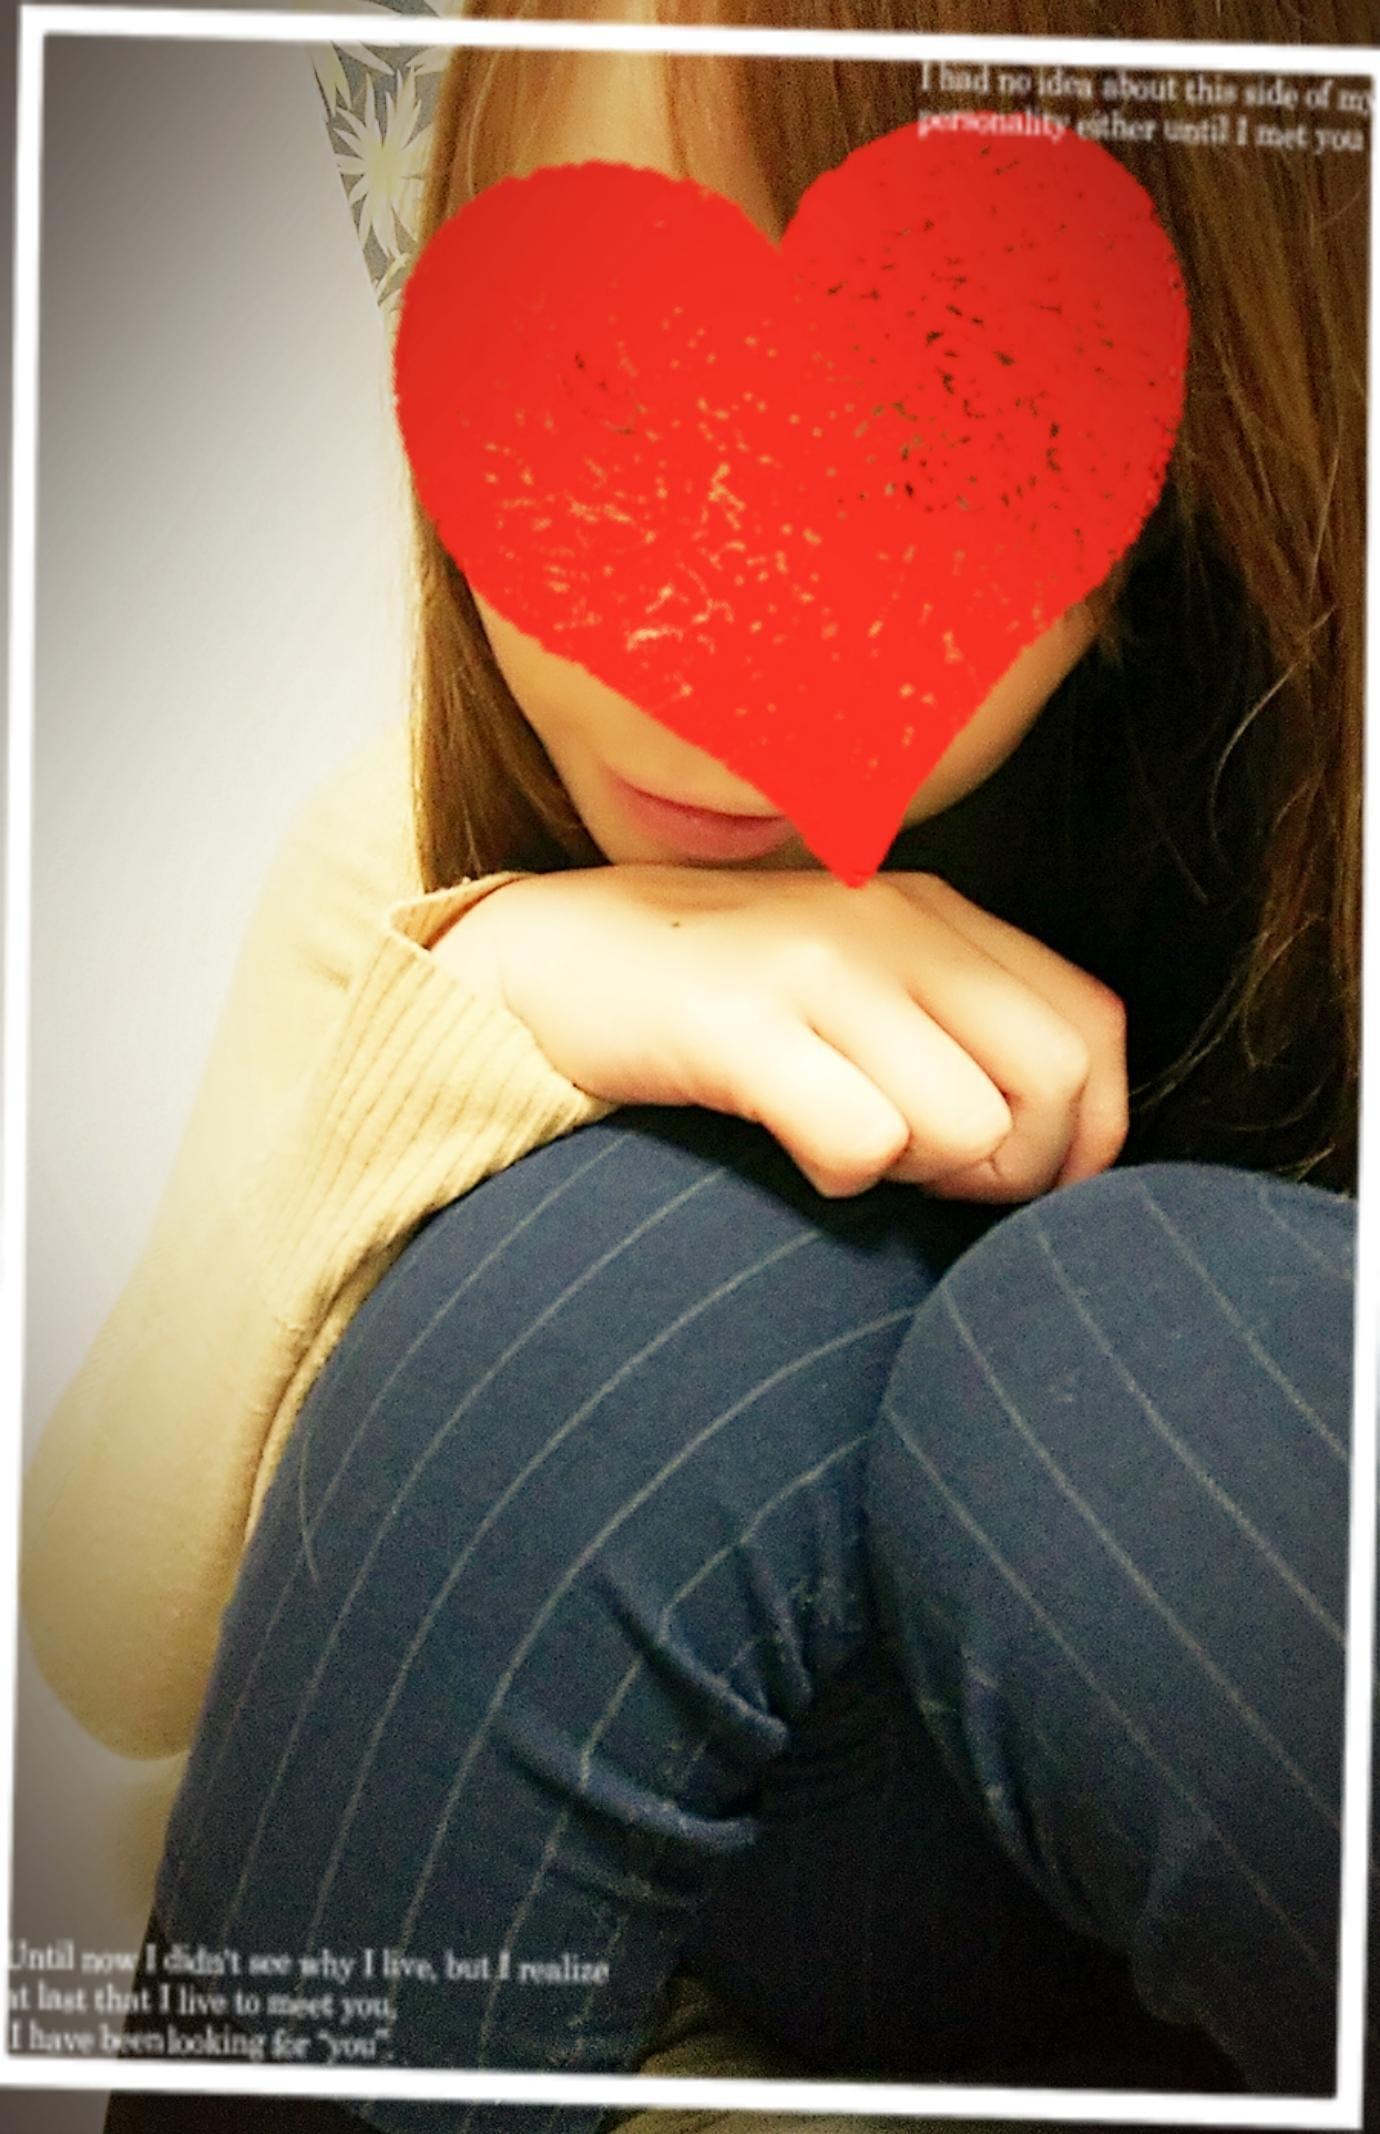 「ただいまぁ(/▽\)♪」11/13(11/13) 01:04 | ことねの写メ・風俗動画